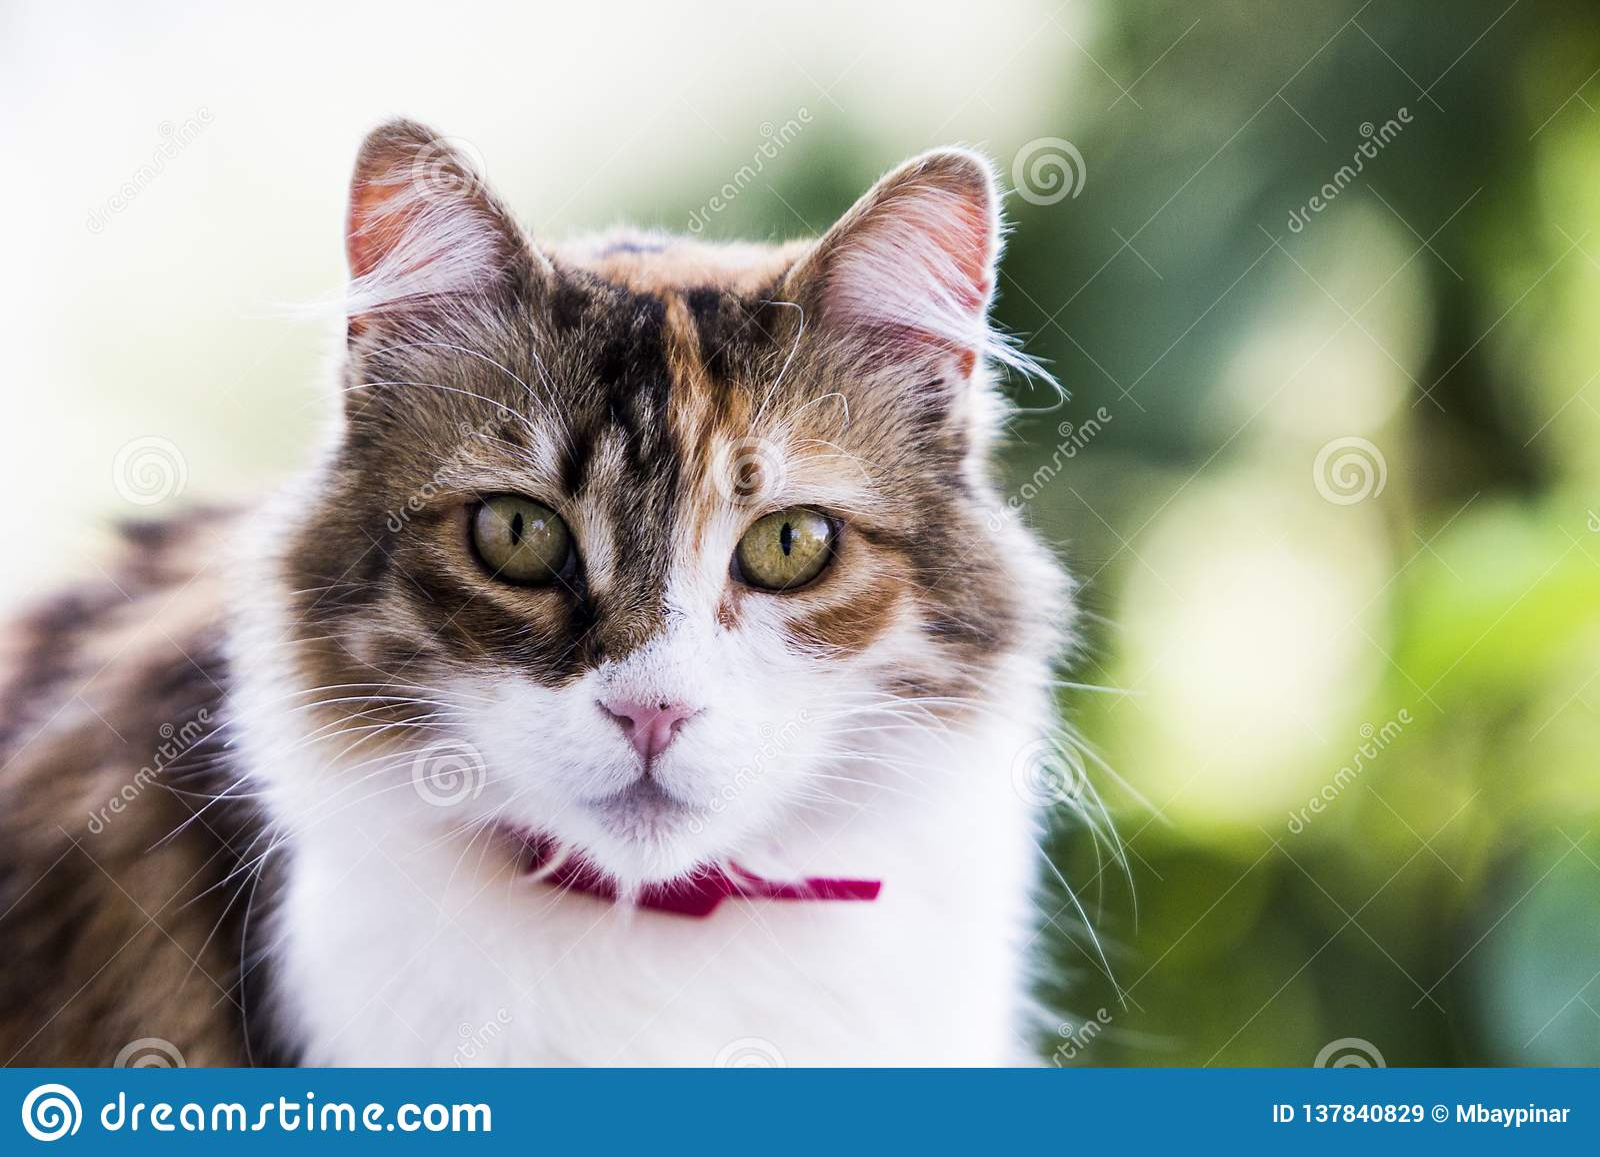 Retrato adorável de um gato fêmea tricolor curioso com efeito verde forte do bokeh